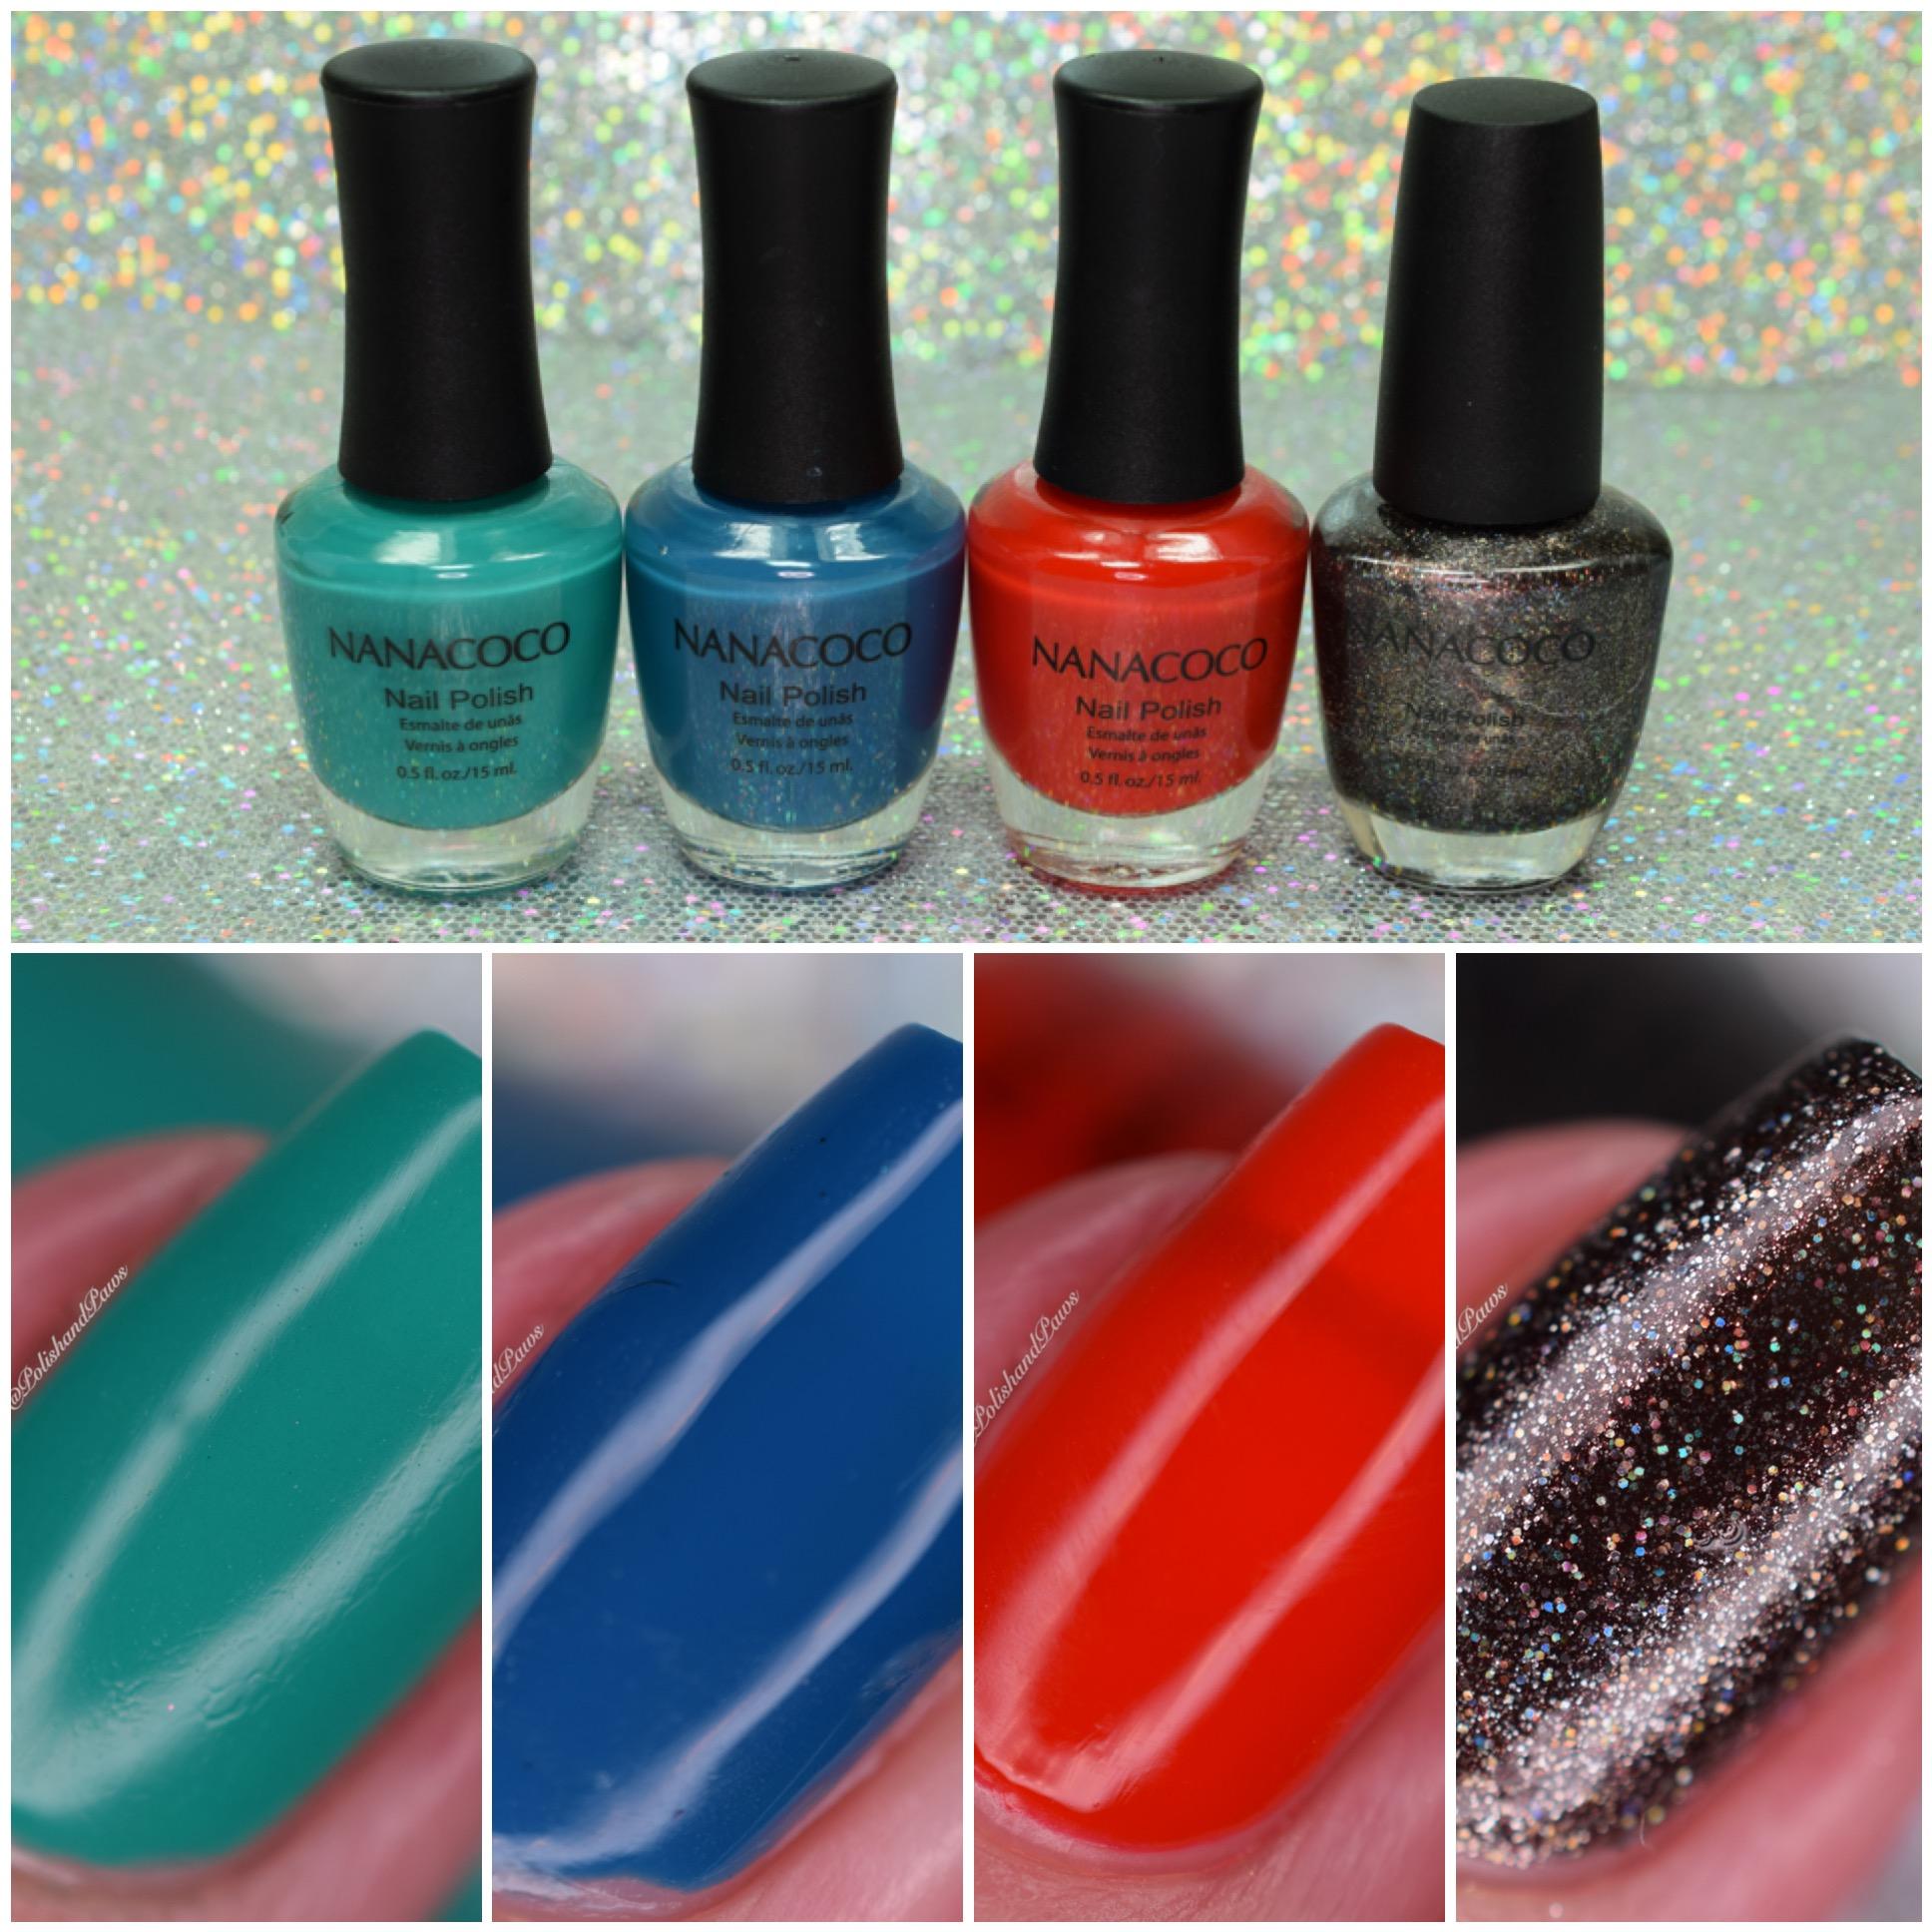 nanacoco nail polish